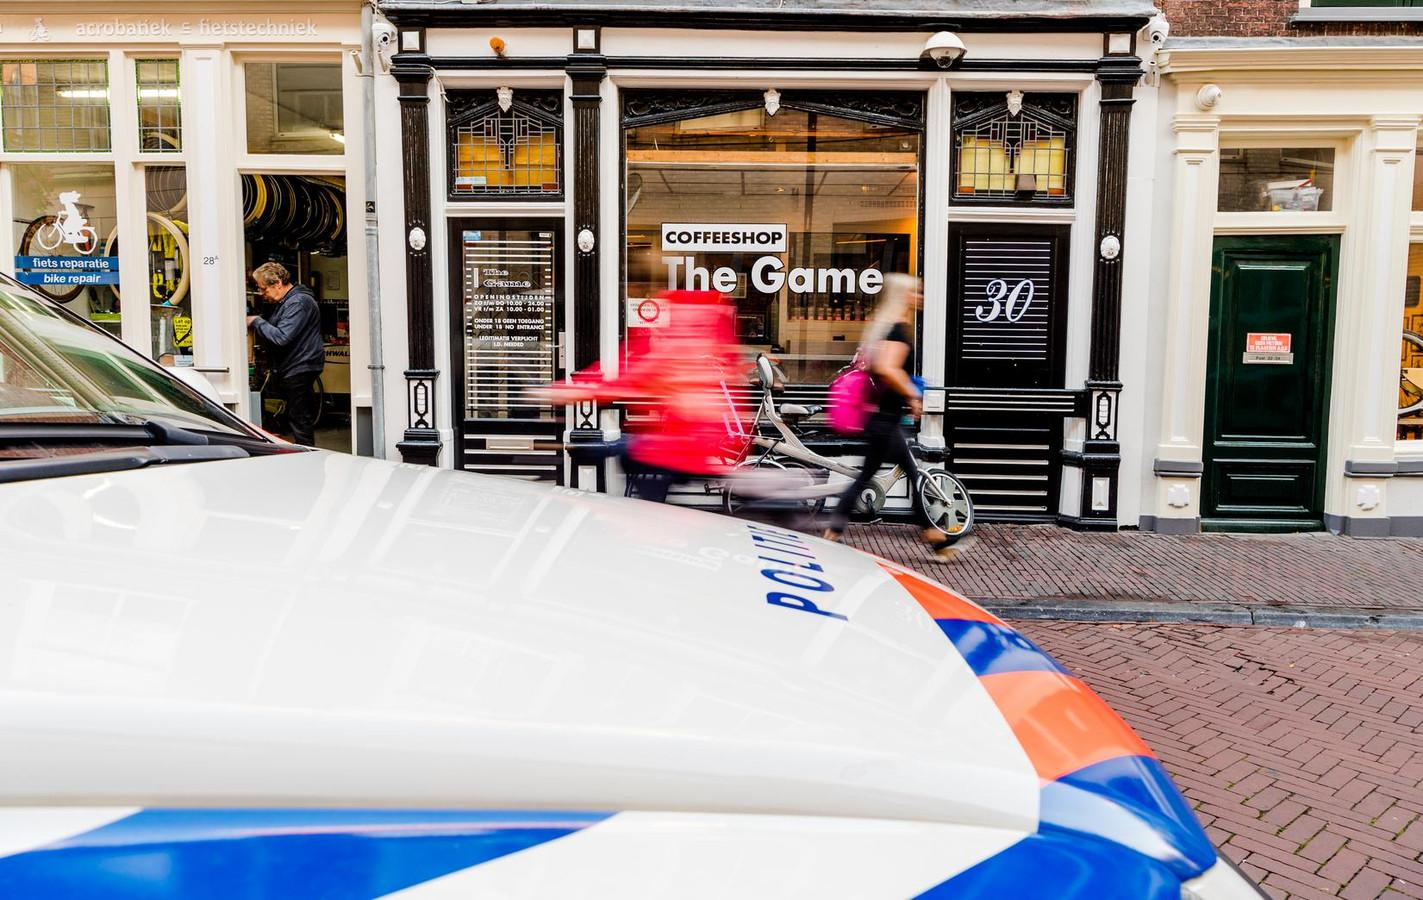 Exterieur van coffeeshop The Game aan de Breestraat in Delft